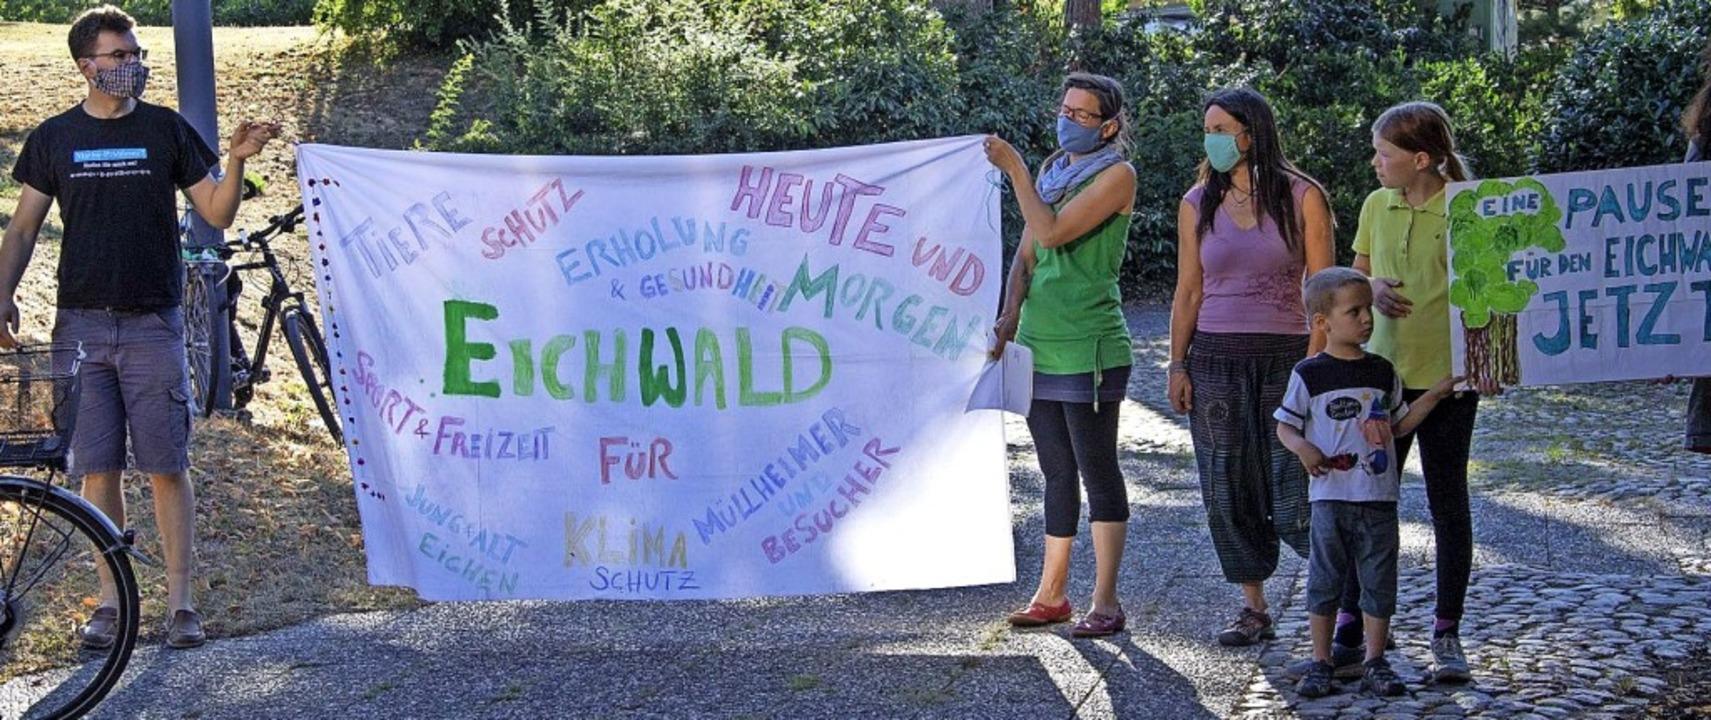 Eine (Fäll-)Pause für den Eichwald for...Gemeinderates indes nicht durchringen.    Foto: Volker Münch